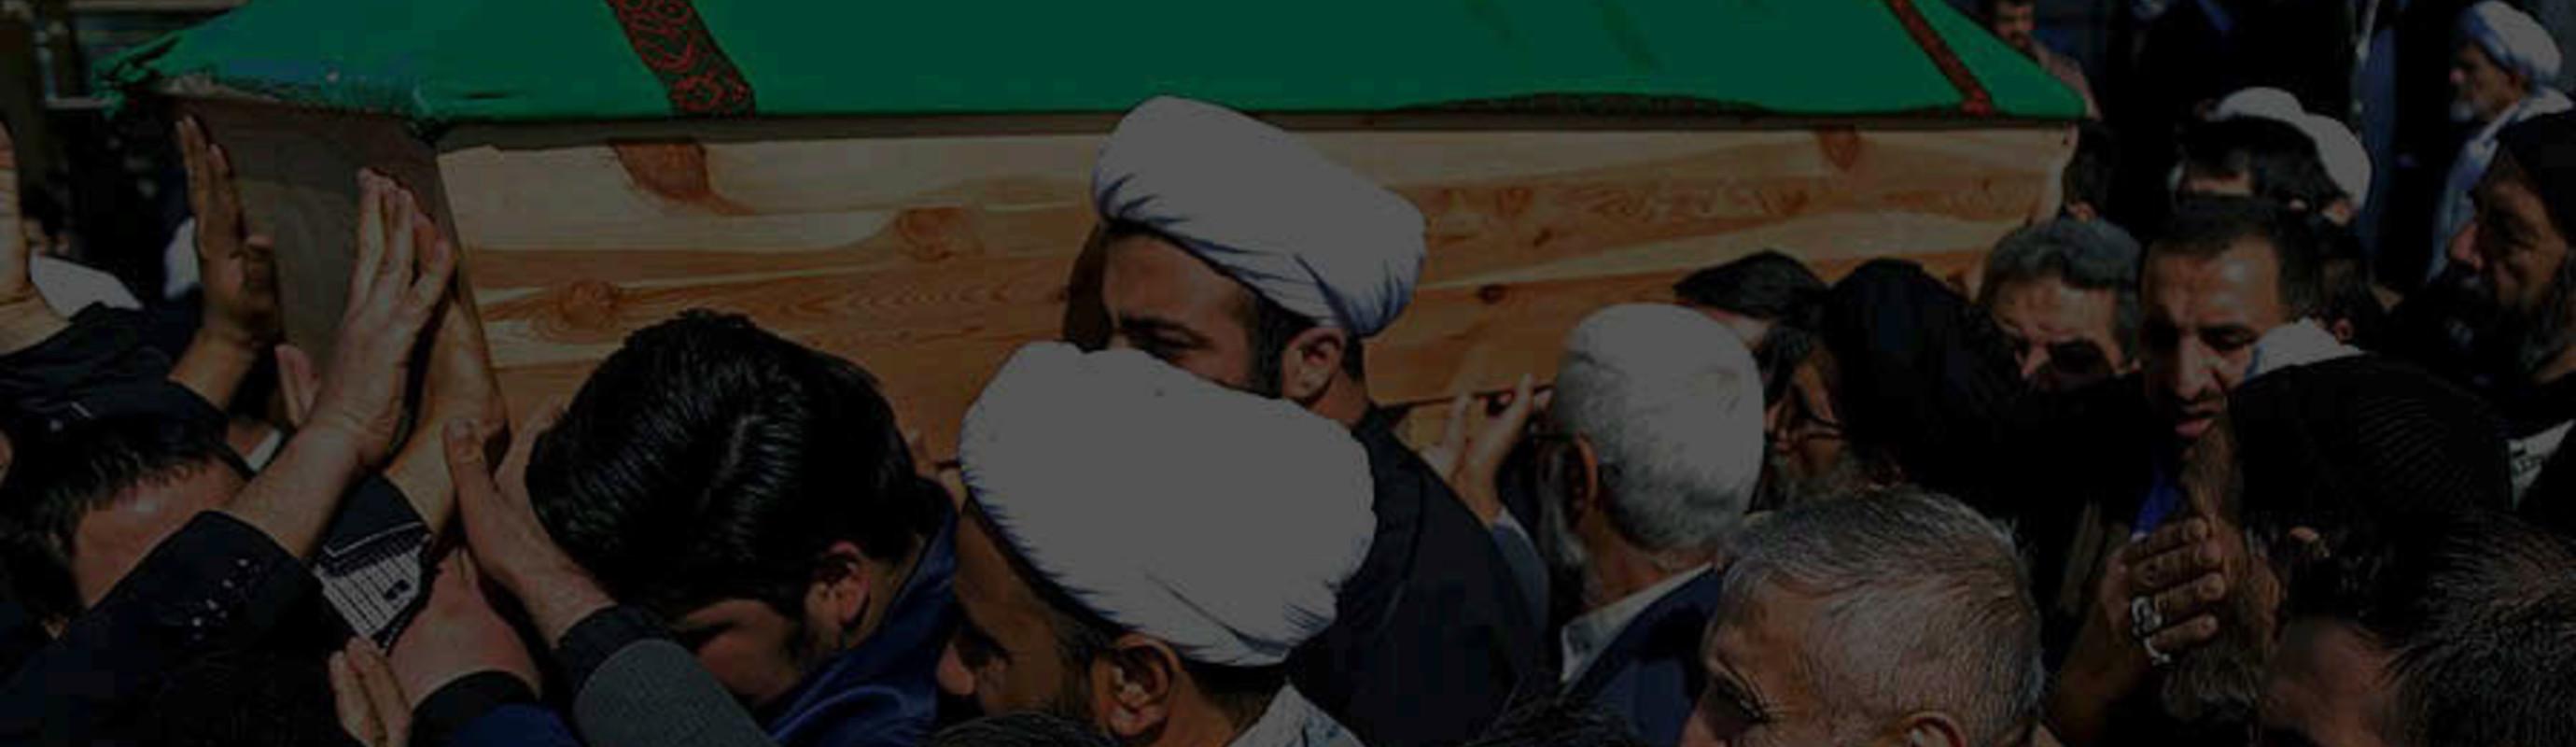 Onze oprechte condoleances voor elk hart dat de pijn voelt door het heengaan van Seyed Morteza Salehi Khansari.